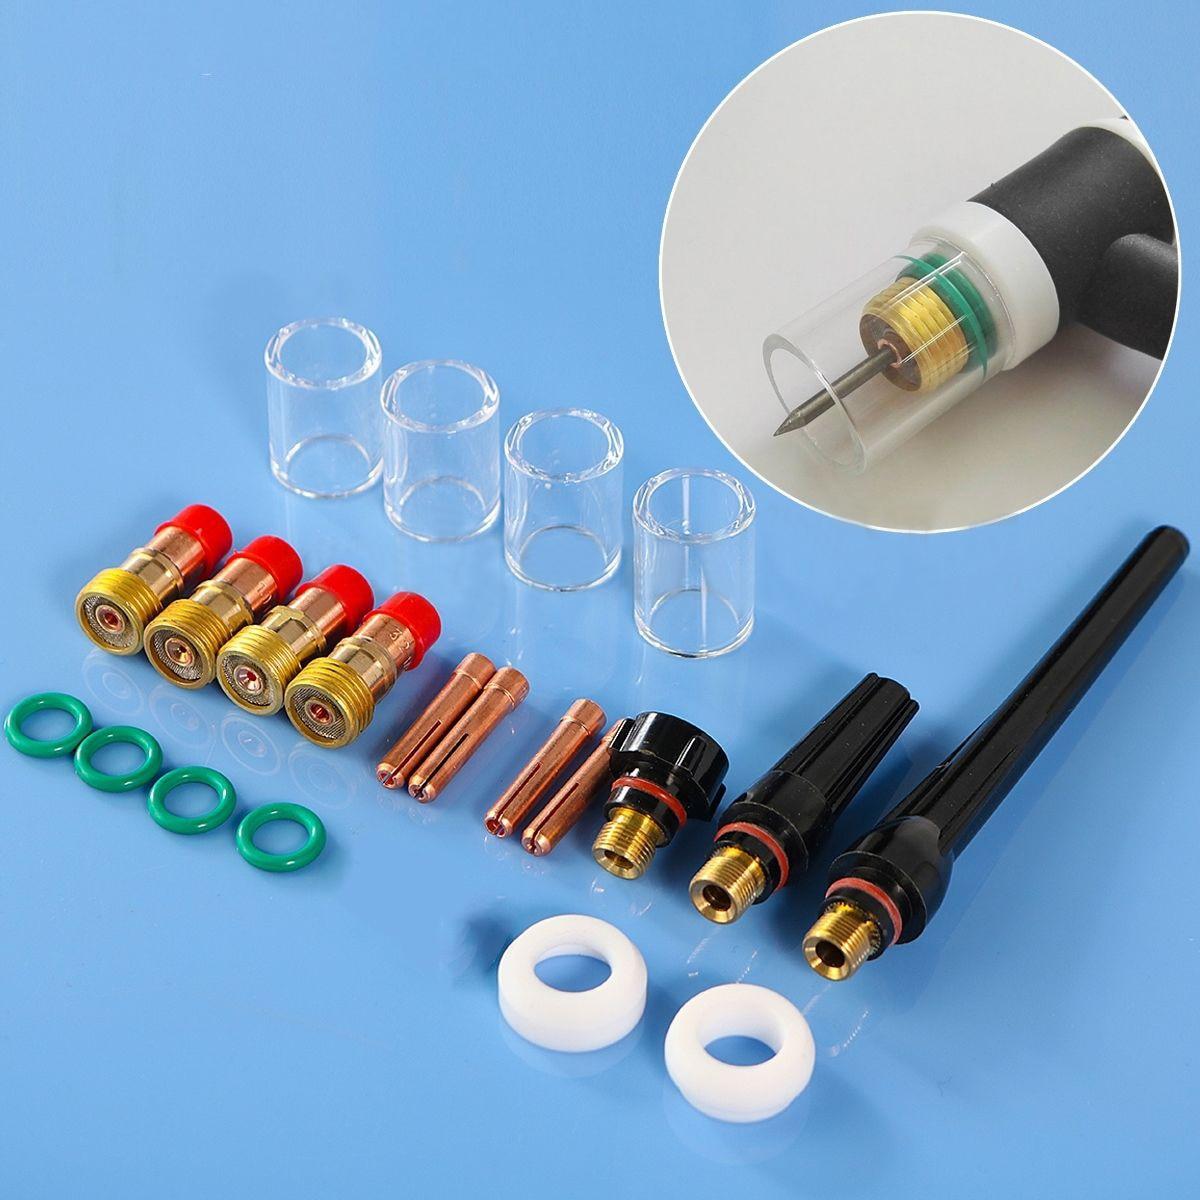 21 pcs Mayitr TIG Torche De Soudage Kit Sollets Corps Tronqué Gaz Objectif #10 Pyrex Tasse pour WP-17/18/26 Torche Consommables Accessoires